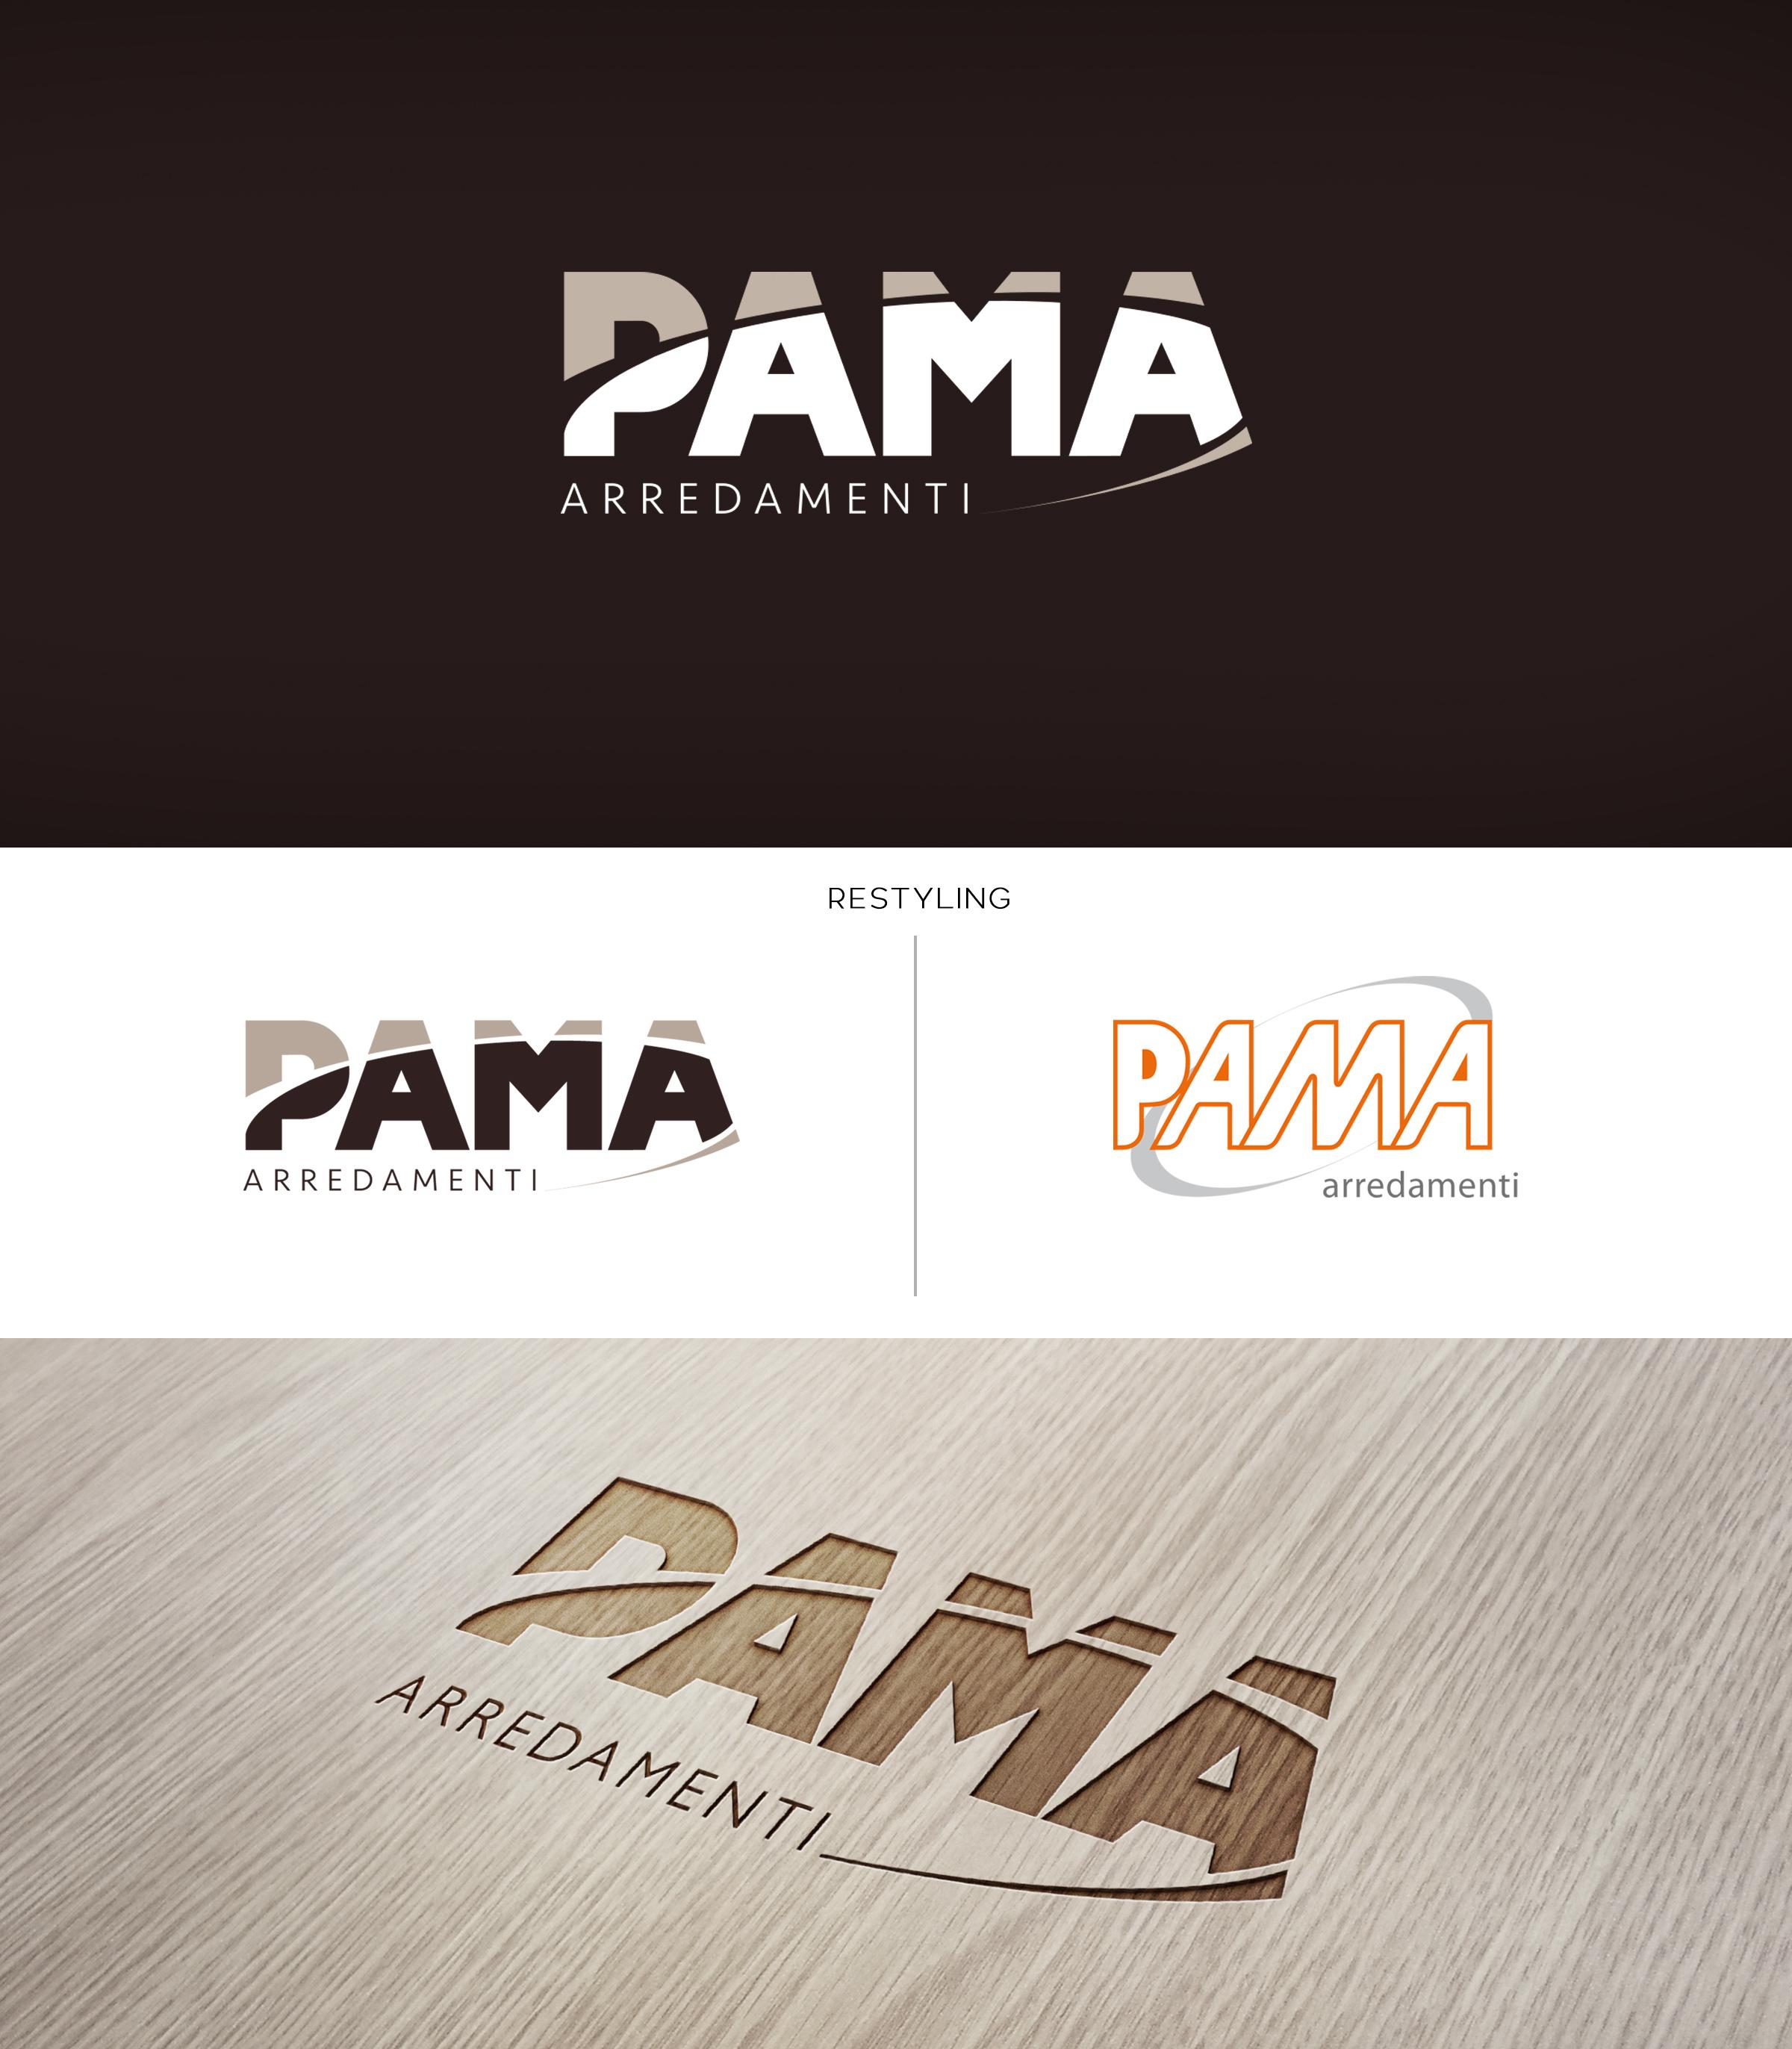 PAMA 1